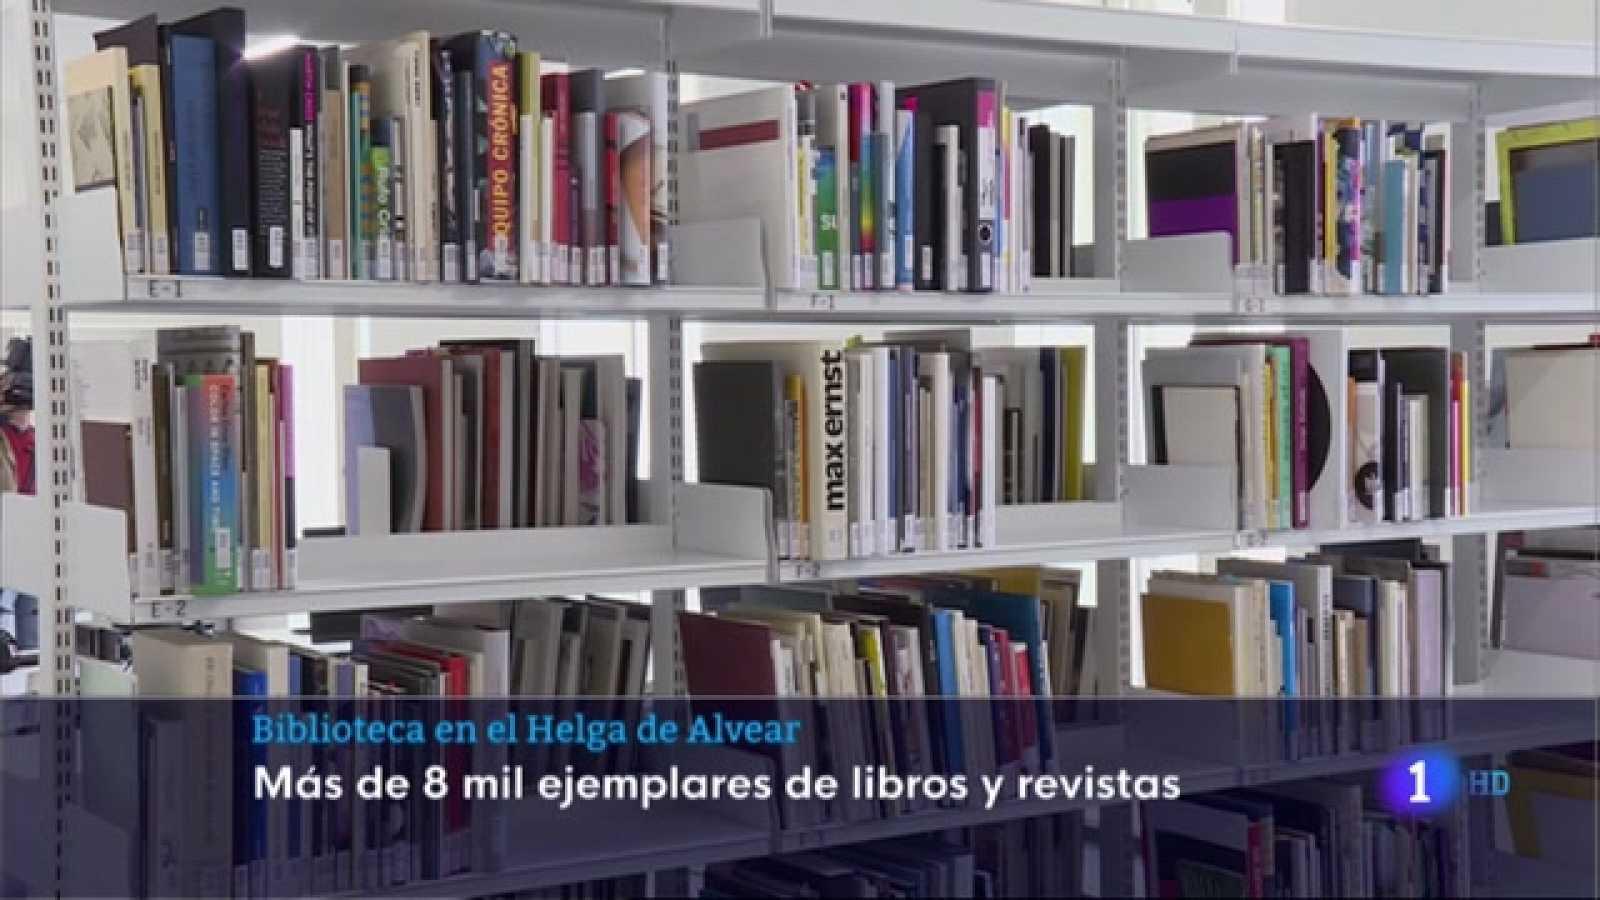 Biblioteca en el Helga de Alvear - 21/04/2021